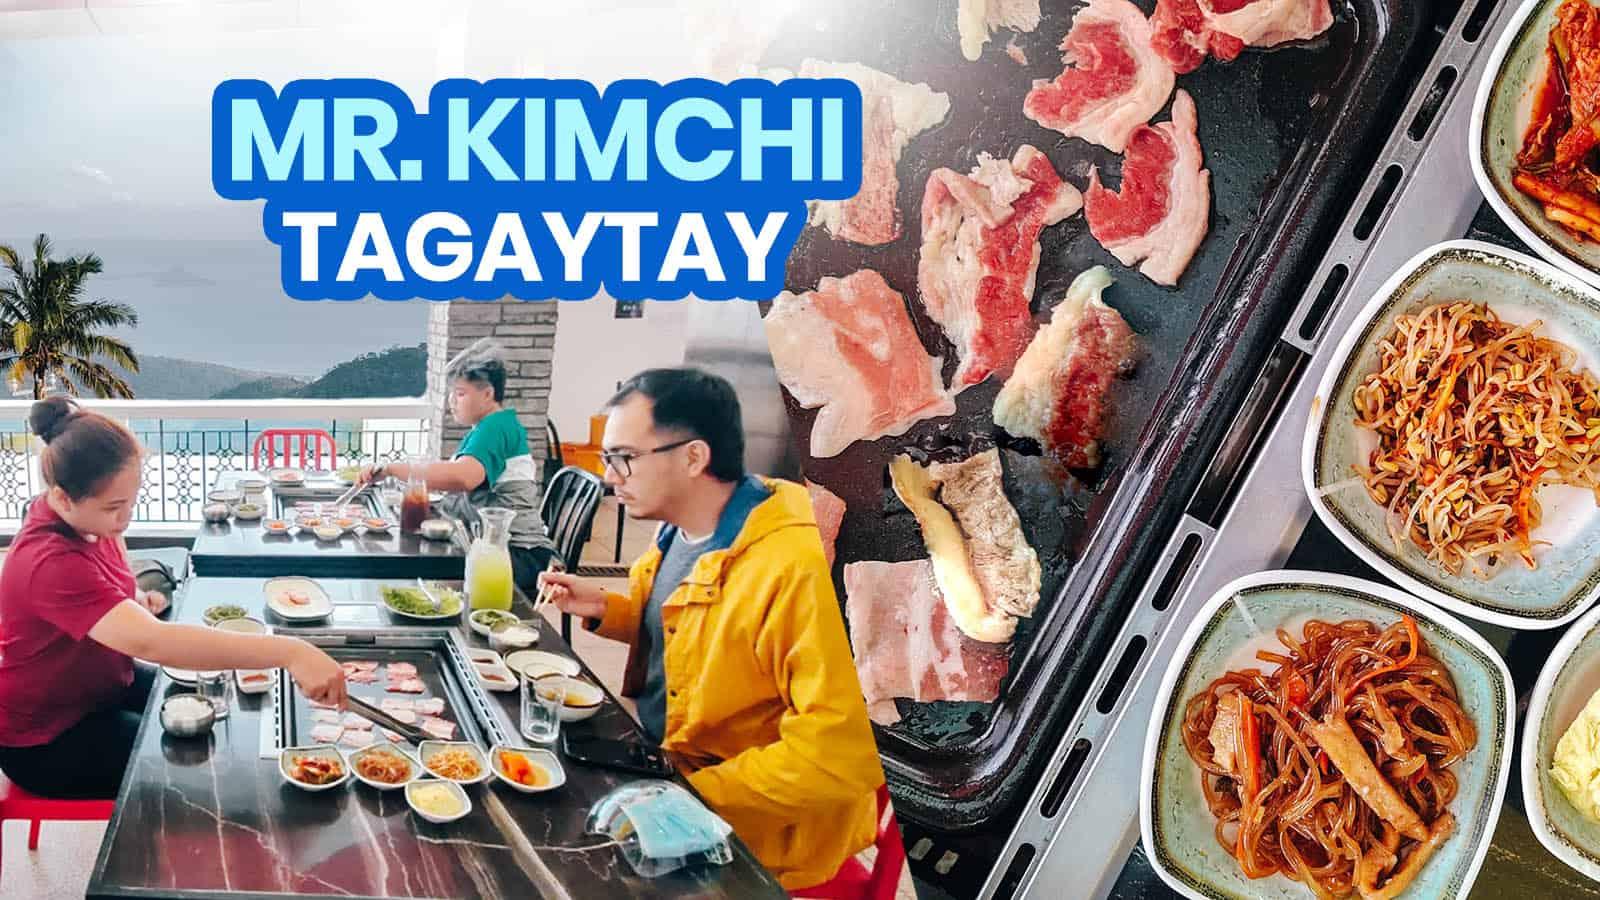 MR. KIMCHI TAGAYTAY: New Normal Guide & Menu 2021